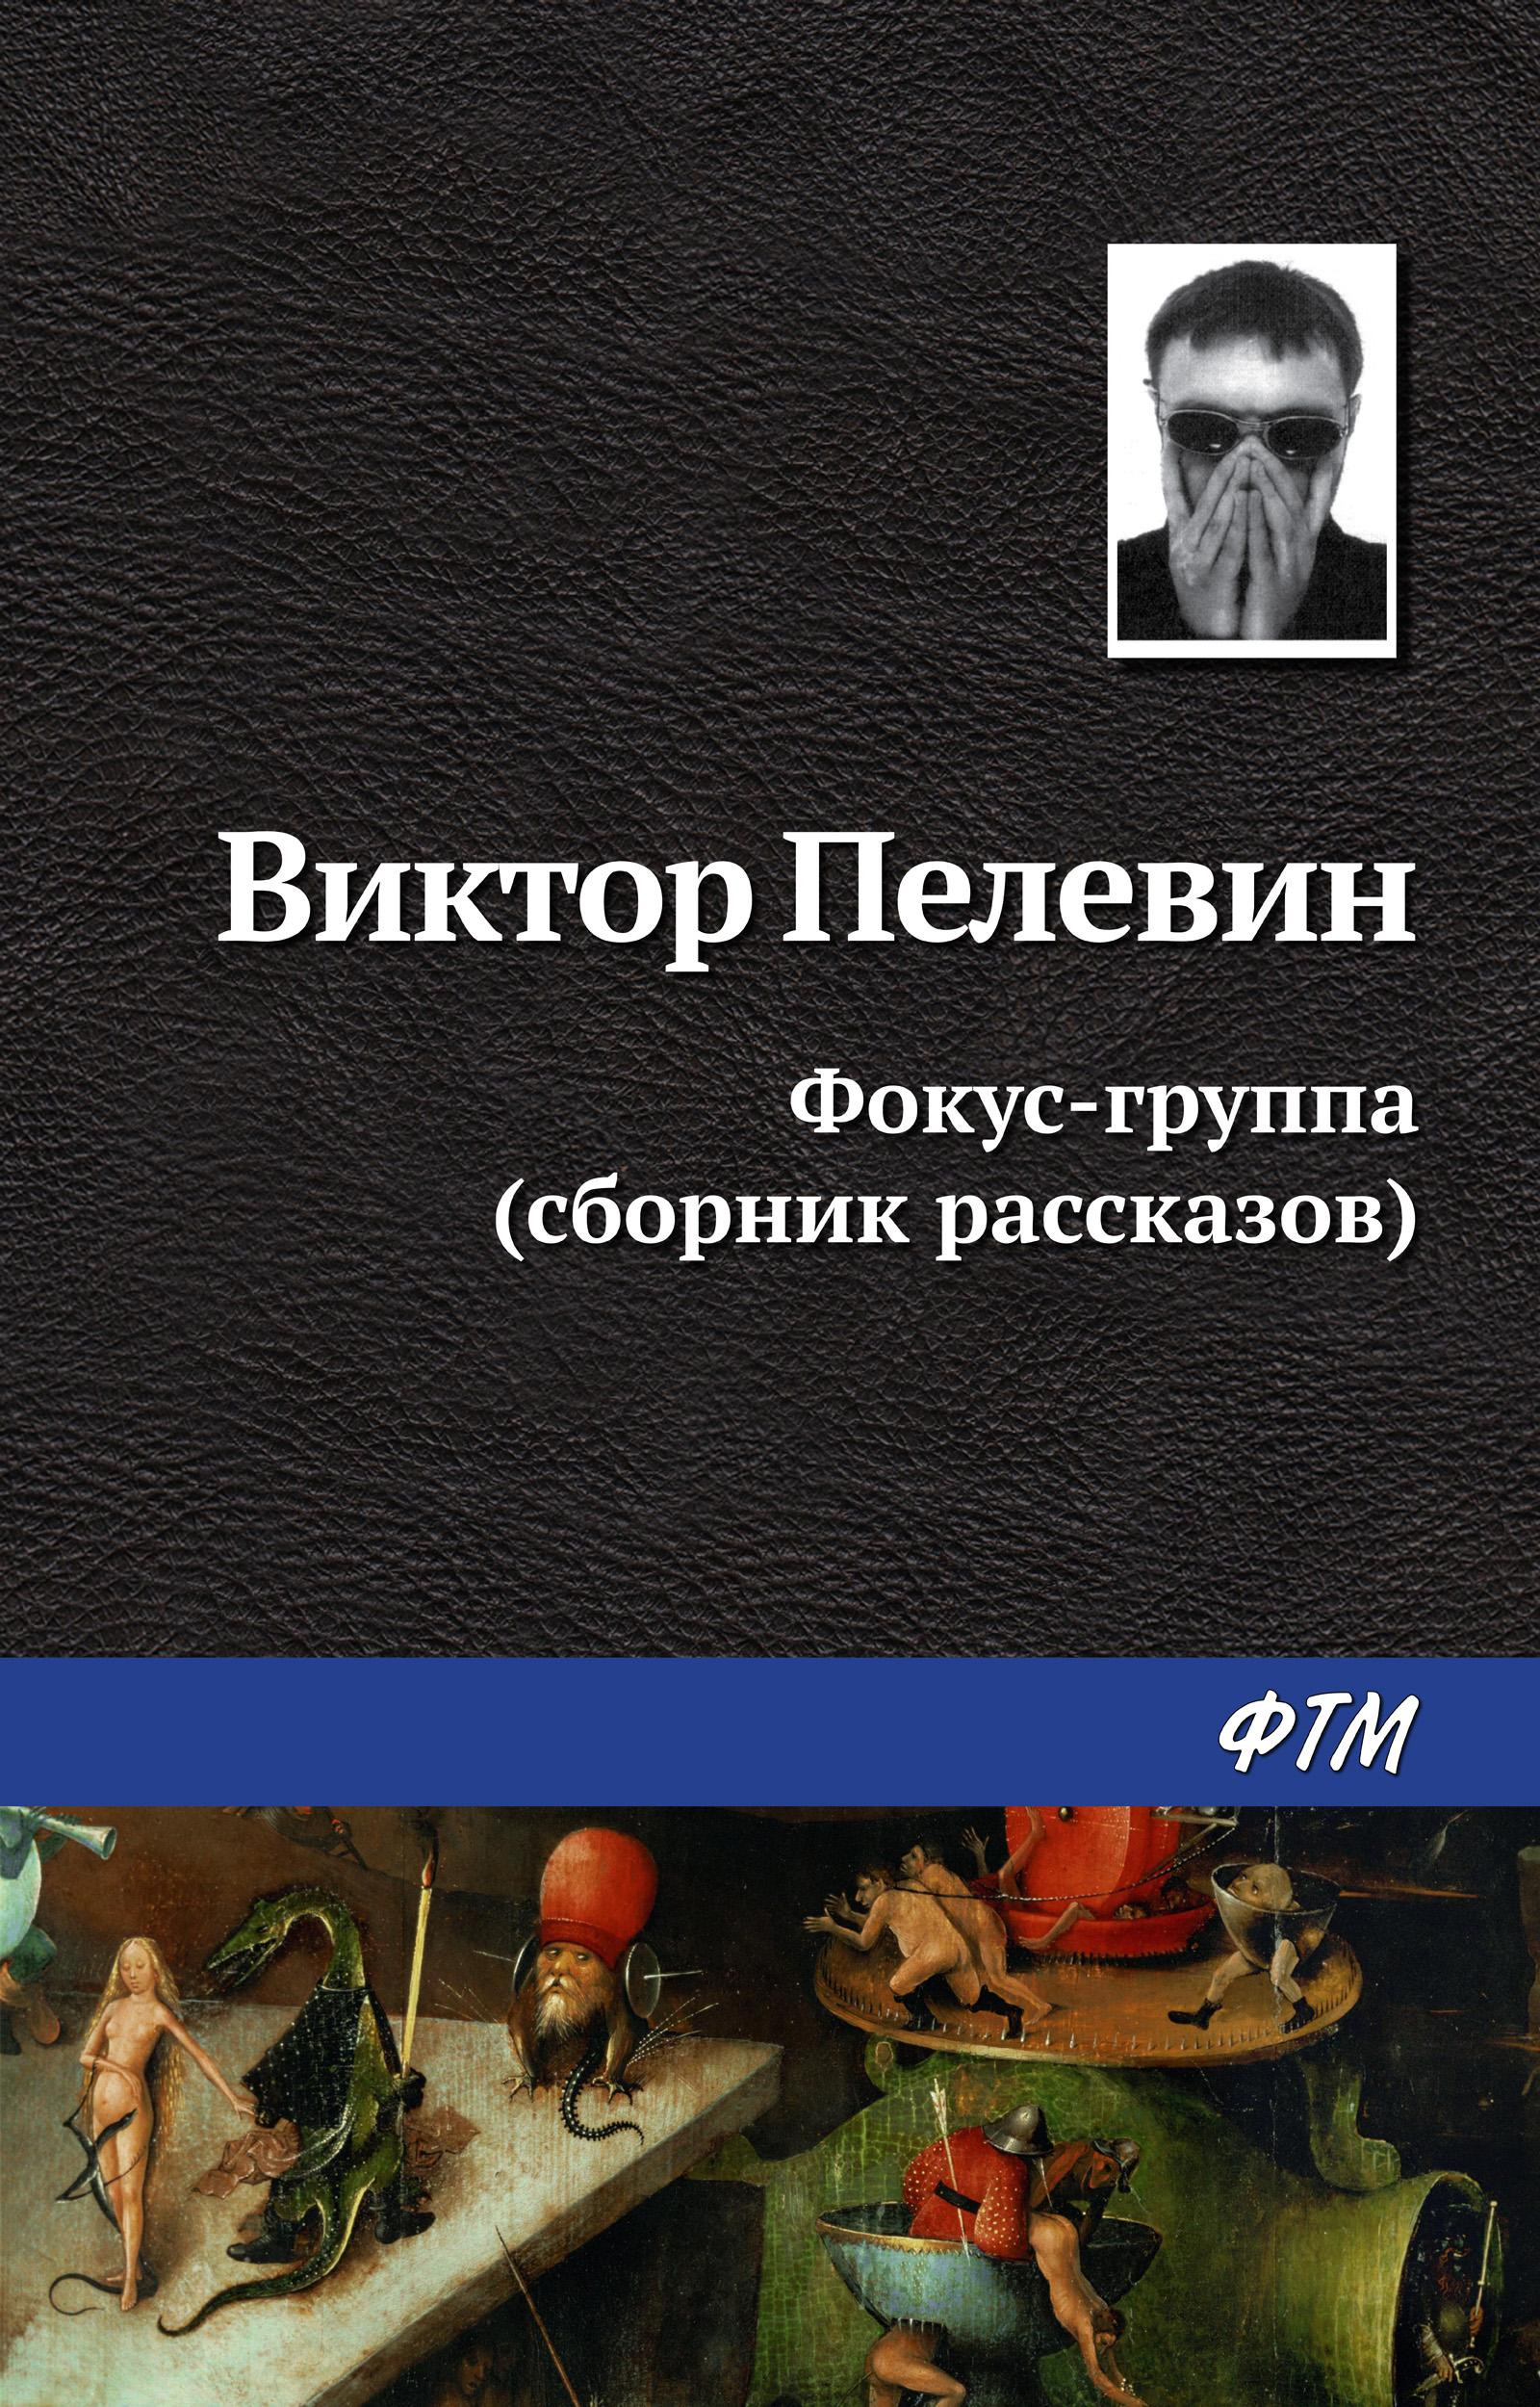 Фокус-группа (сборник)